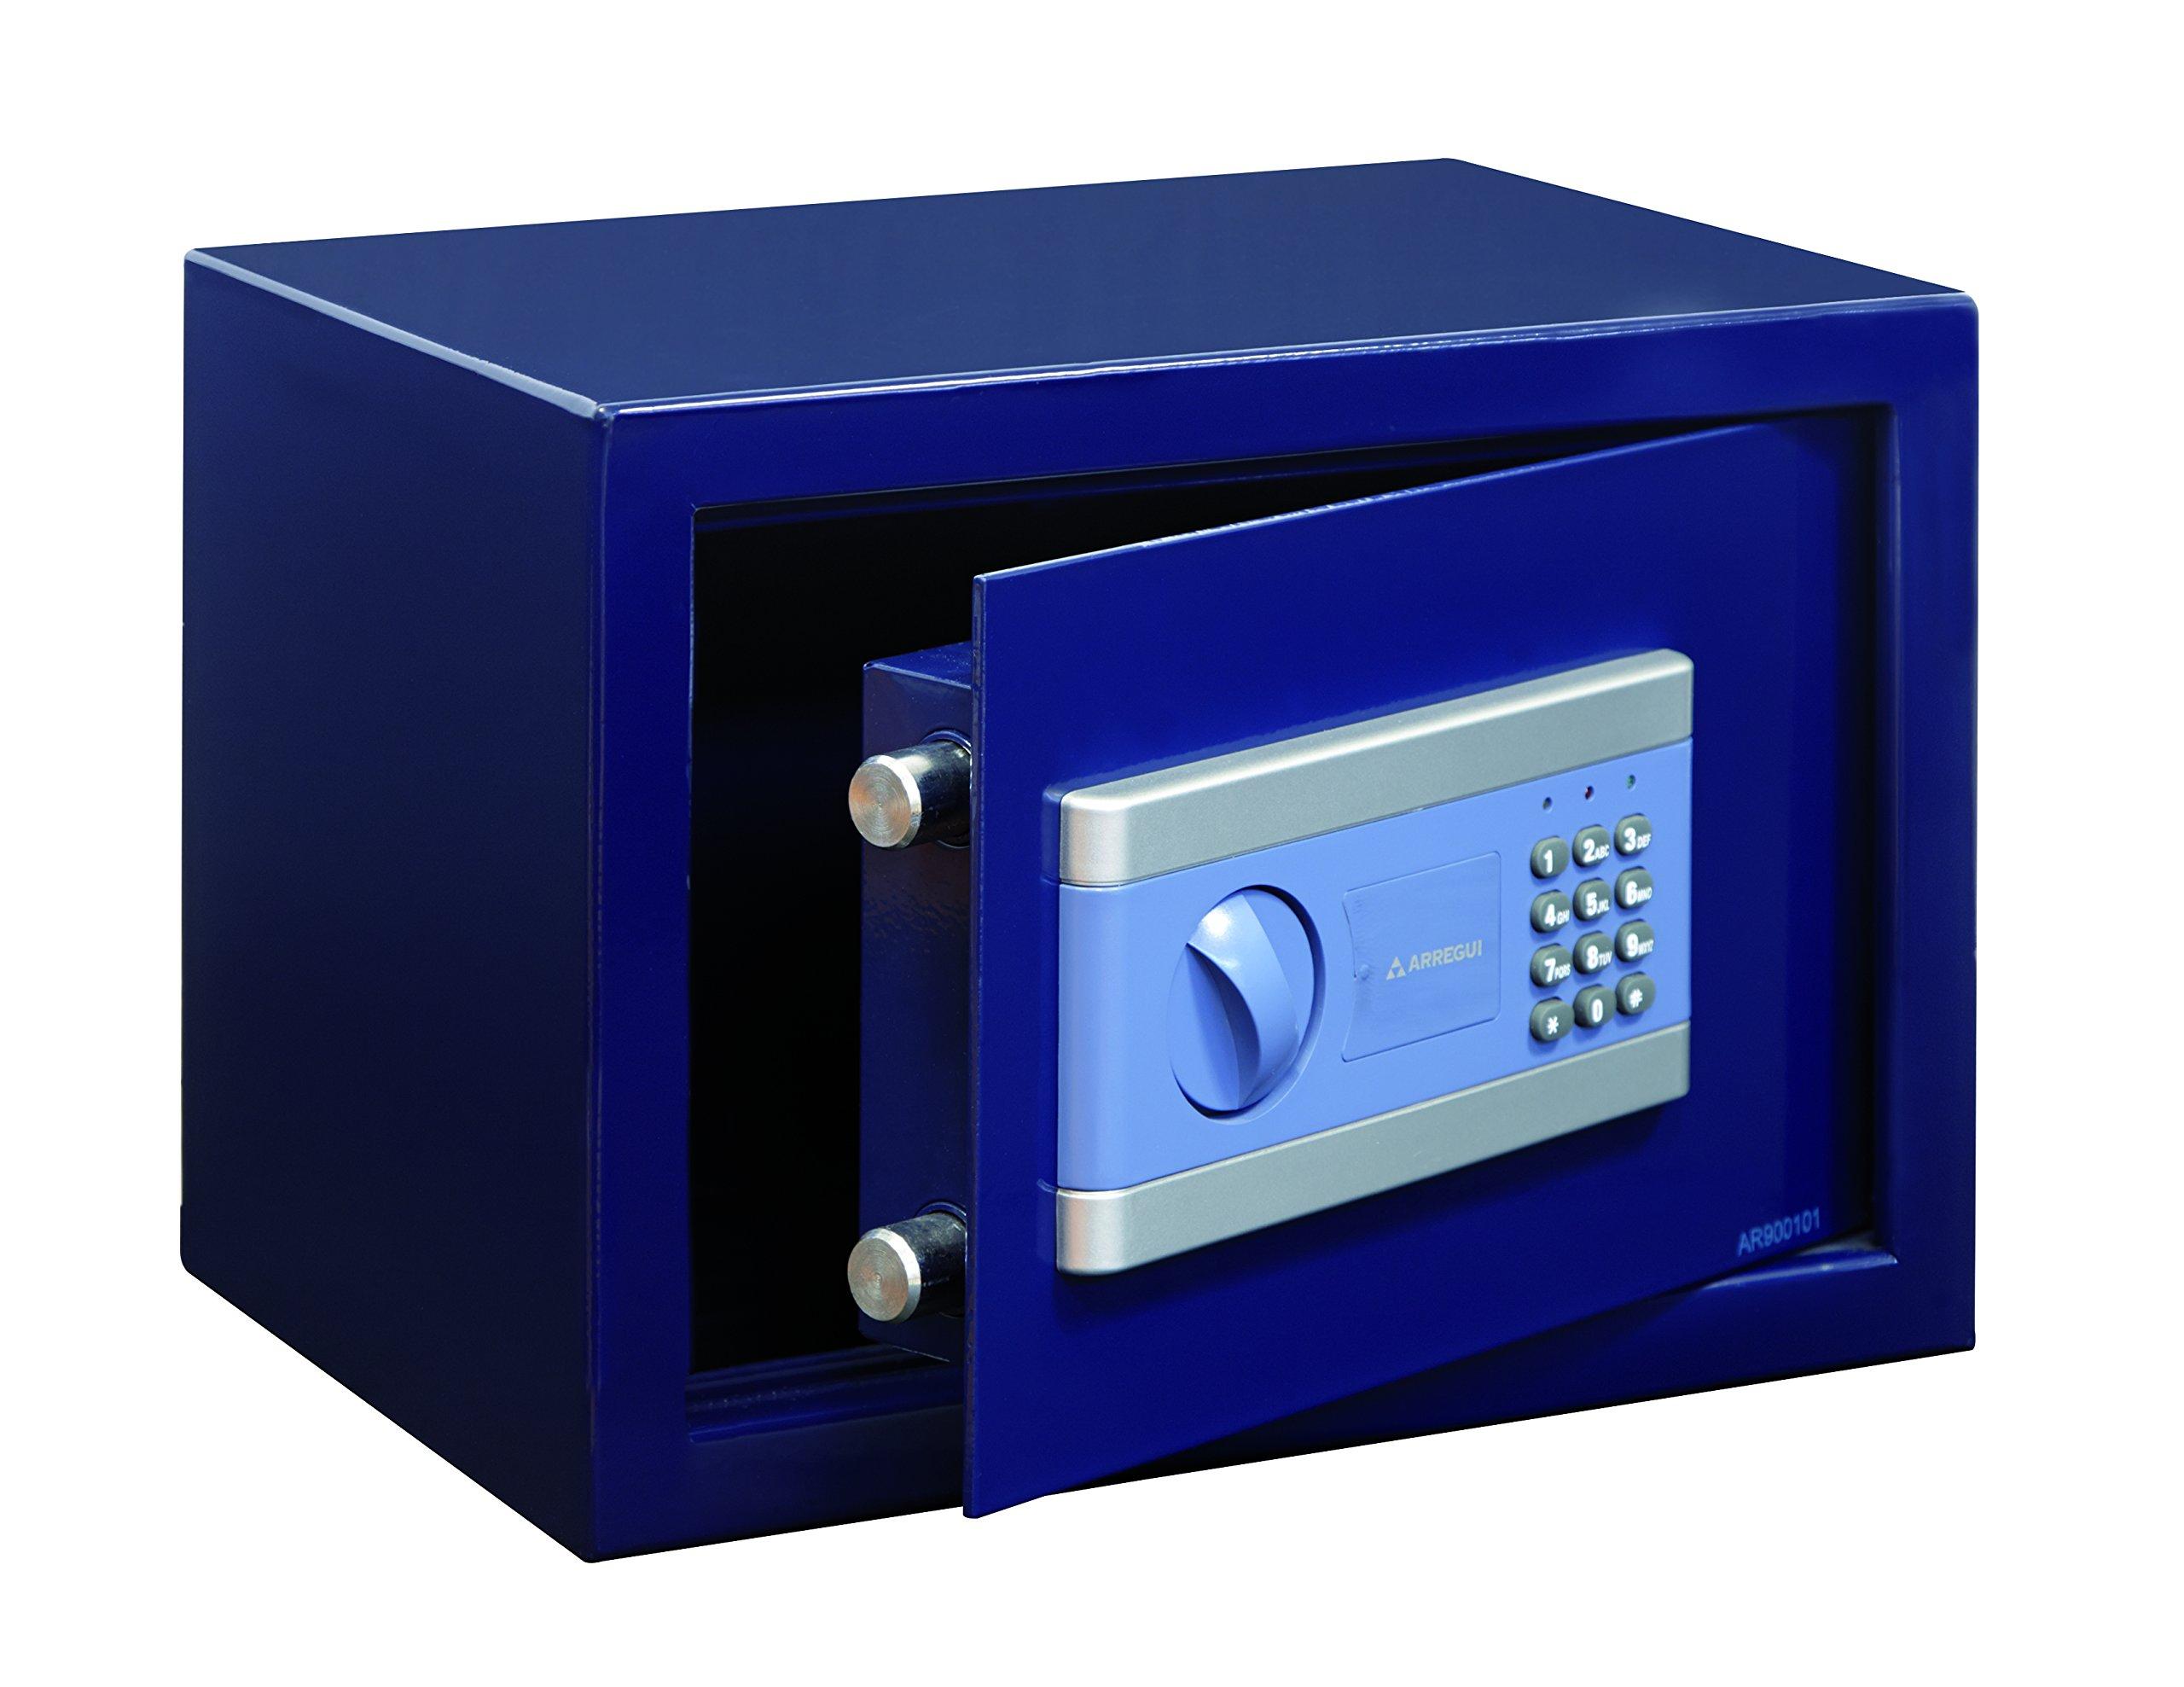 Arregui 19000-S1 - Caja fuerte de sobreponer electrónica, 9L, 310x200x200mm, Azul.: Amazon.es: Bricolaje y herramientas